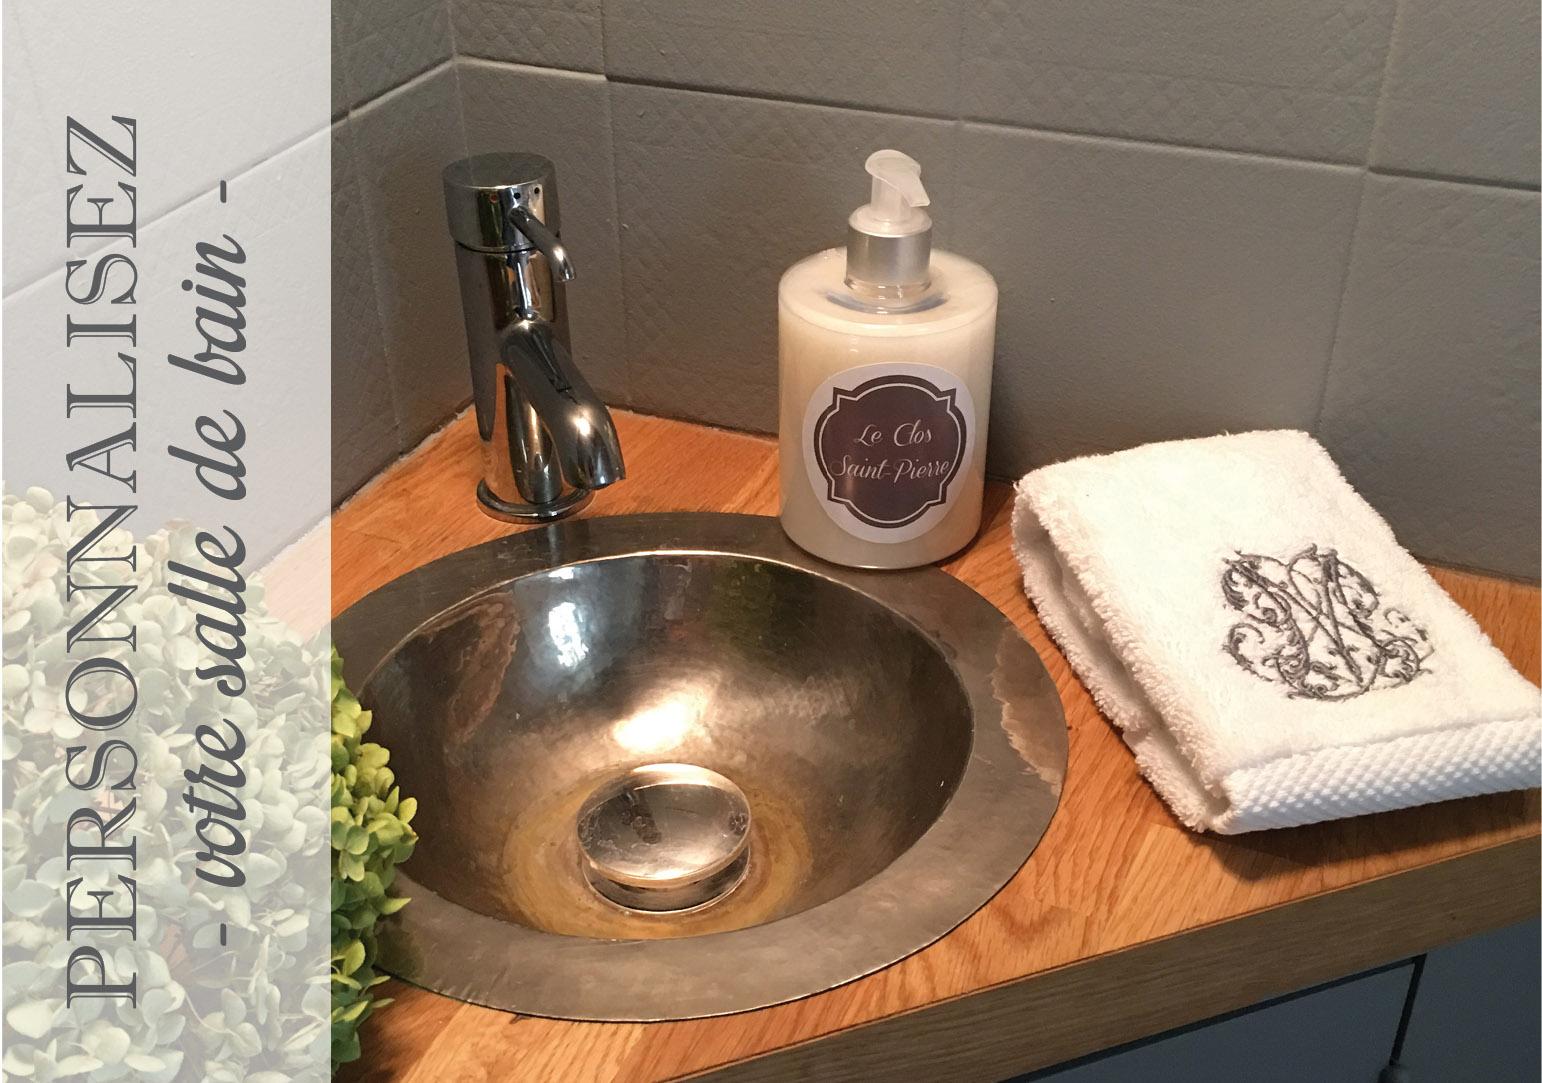 accessoires personnalisés pour salle de bain